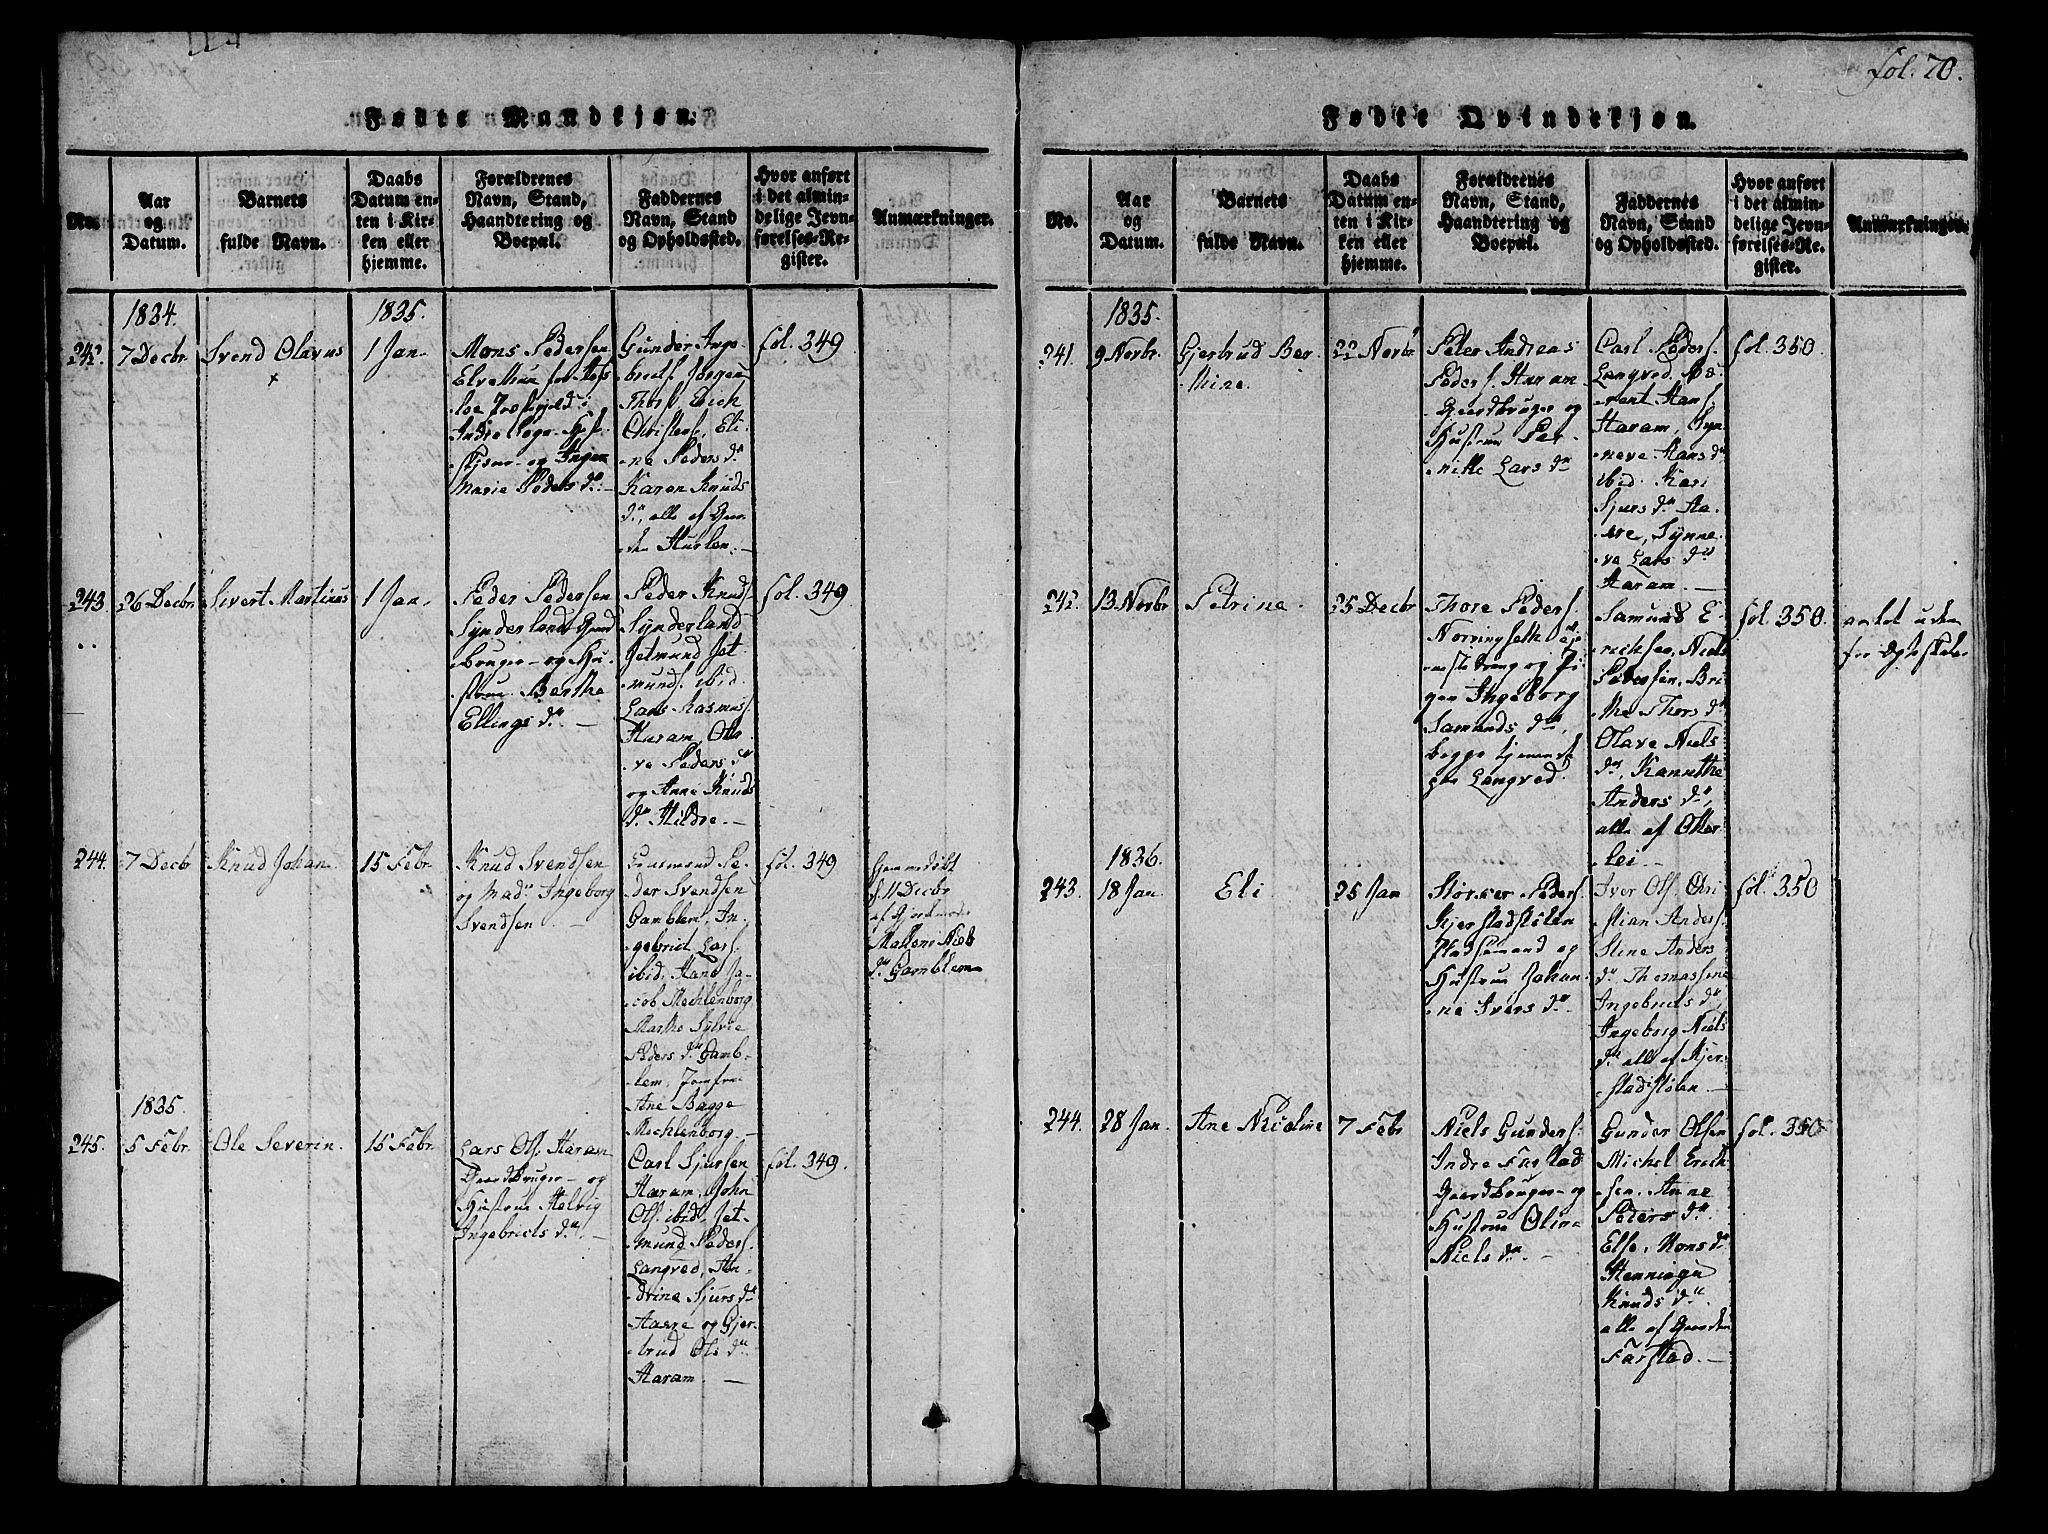 SAT, Ministerialprotokoller, klokkerbøker og fødselsregistre - Møre og Romsdal, 536/L0495: Ministerialbok nr. 536A04, 1818-1847, s. 70